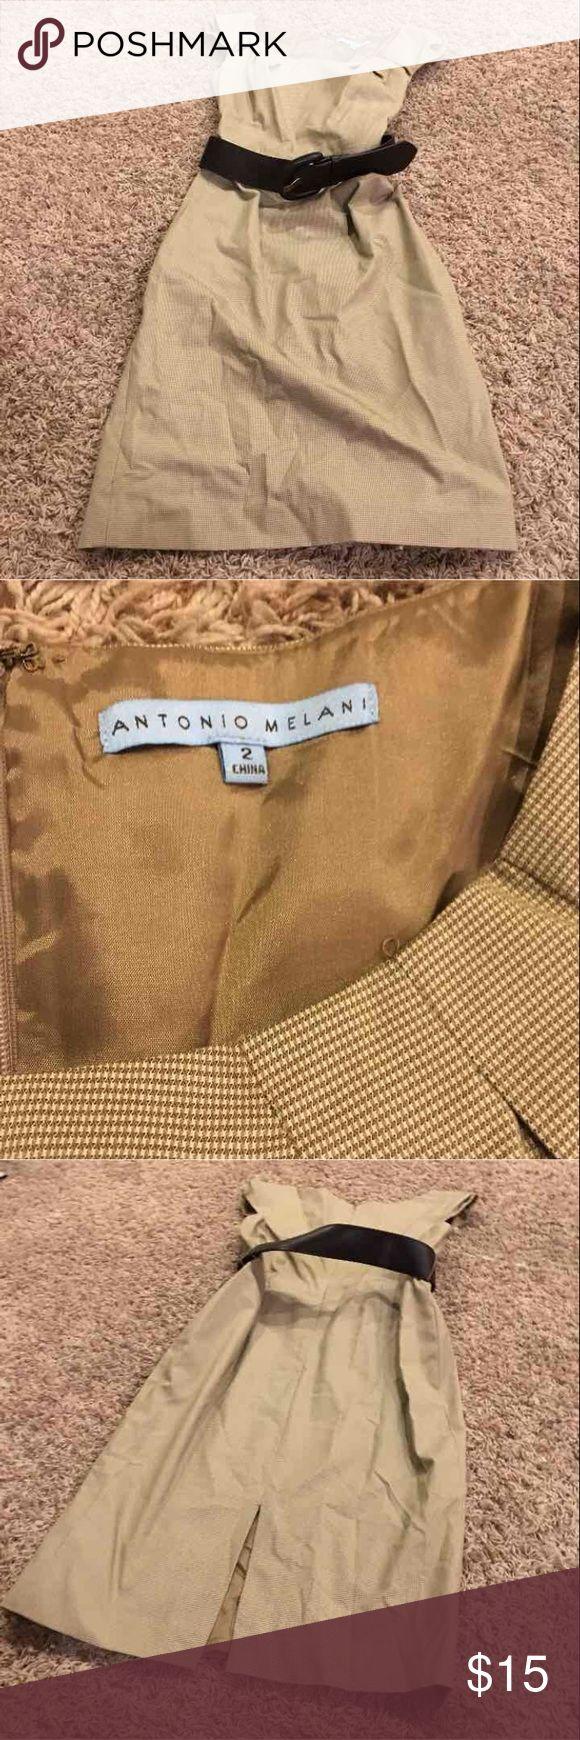 Antonio Melani size 2 dress tan Antonio Melani size 2 dress tan ANTONIO MELANI Dresses Midi